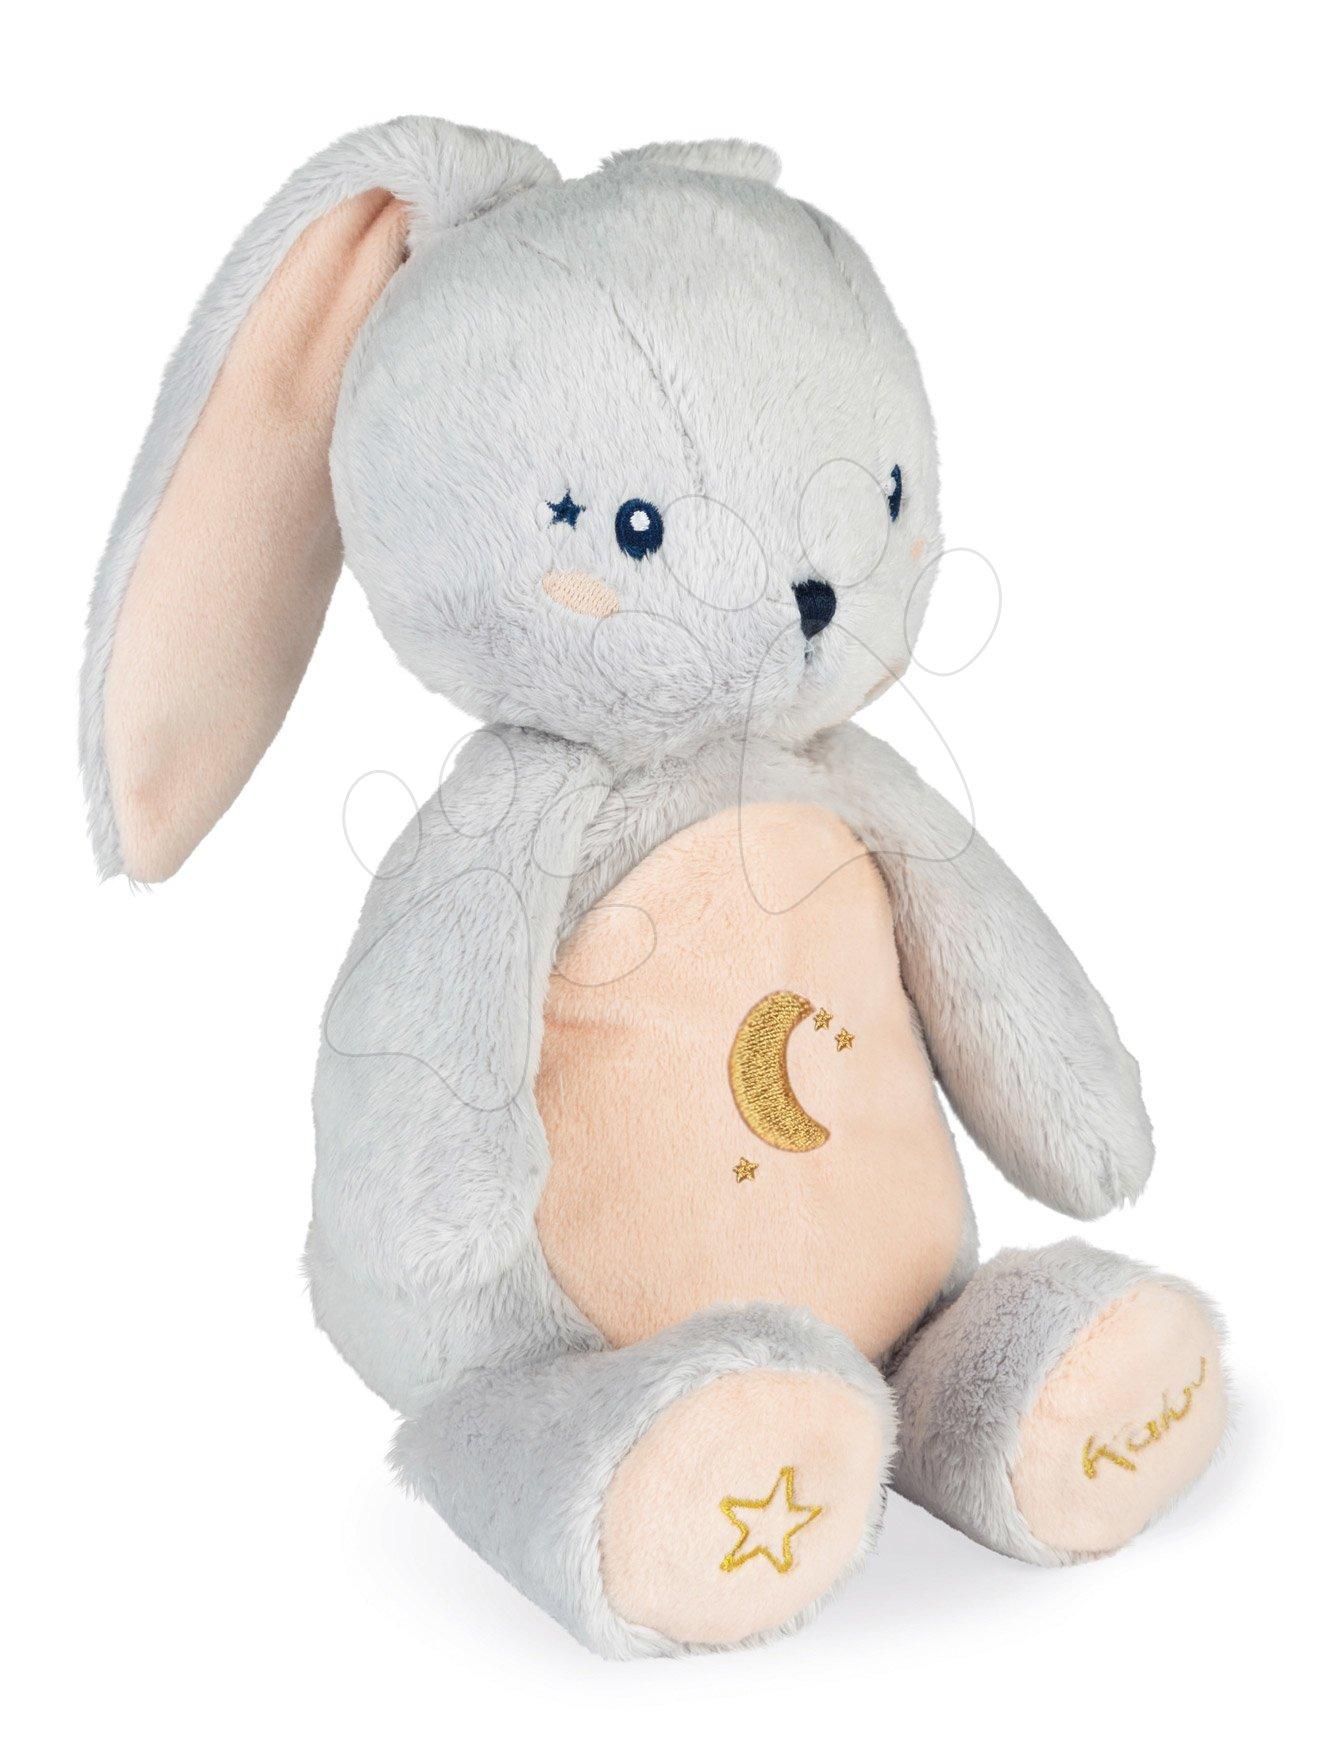 Plyšový zajíček noční světlo My Rabbit Nightlight Home Kaloo šedo-krémový 22 cm se světlem z jemného plyše od 3 měsíců